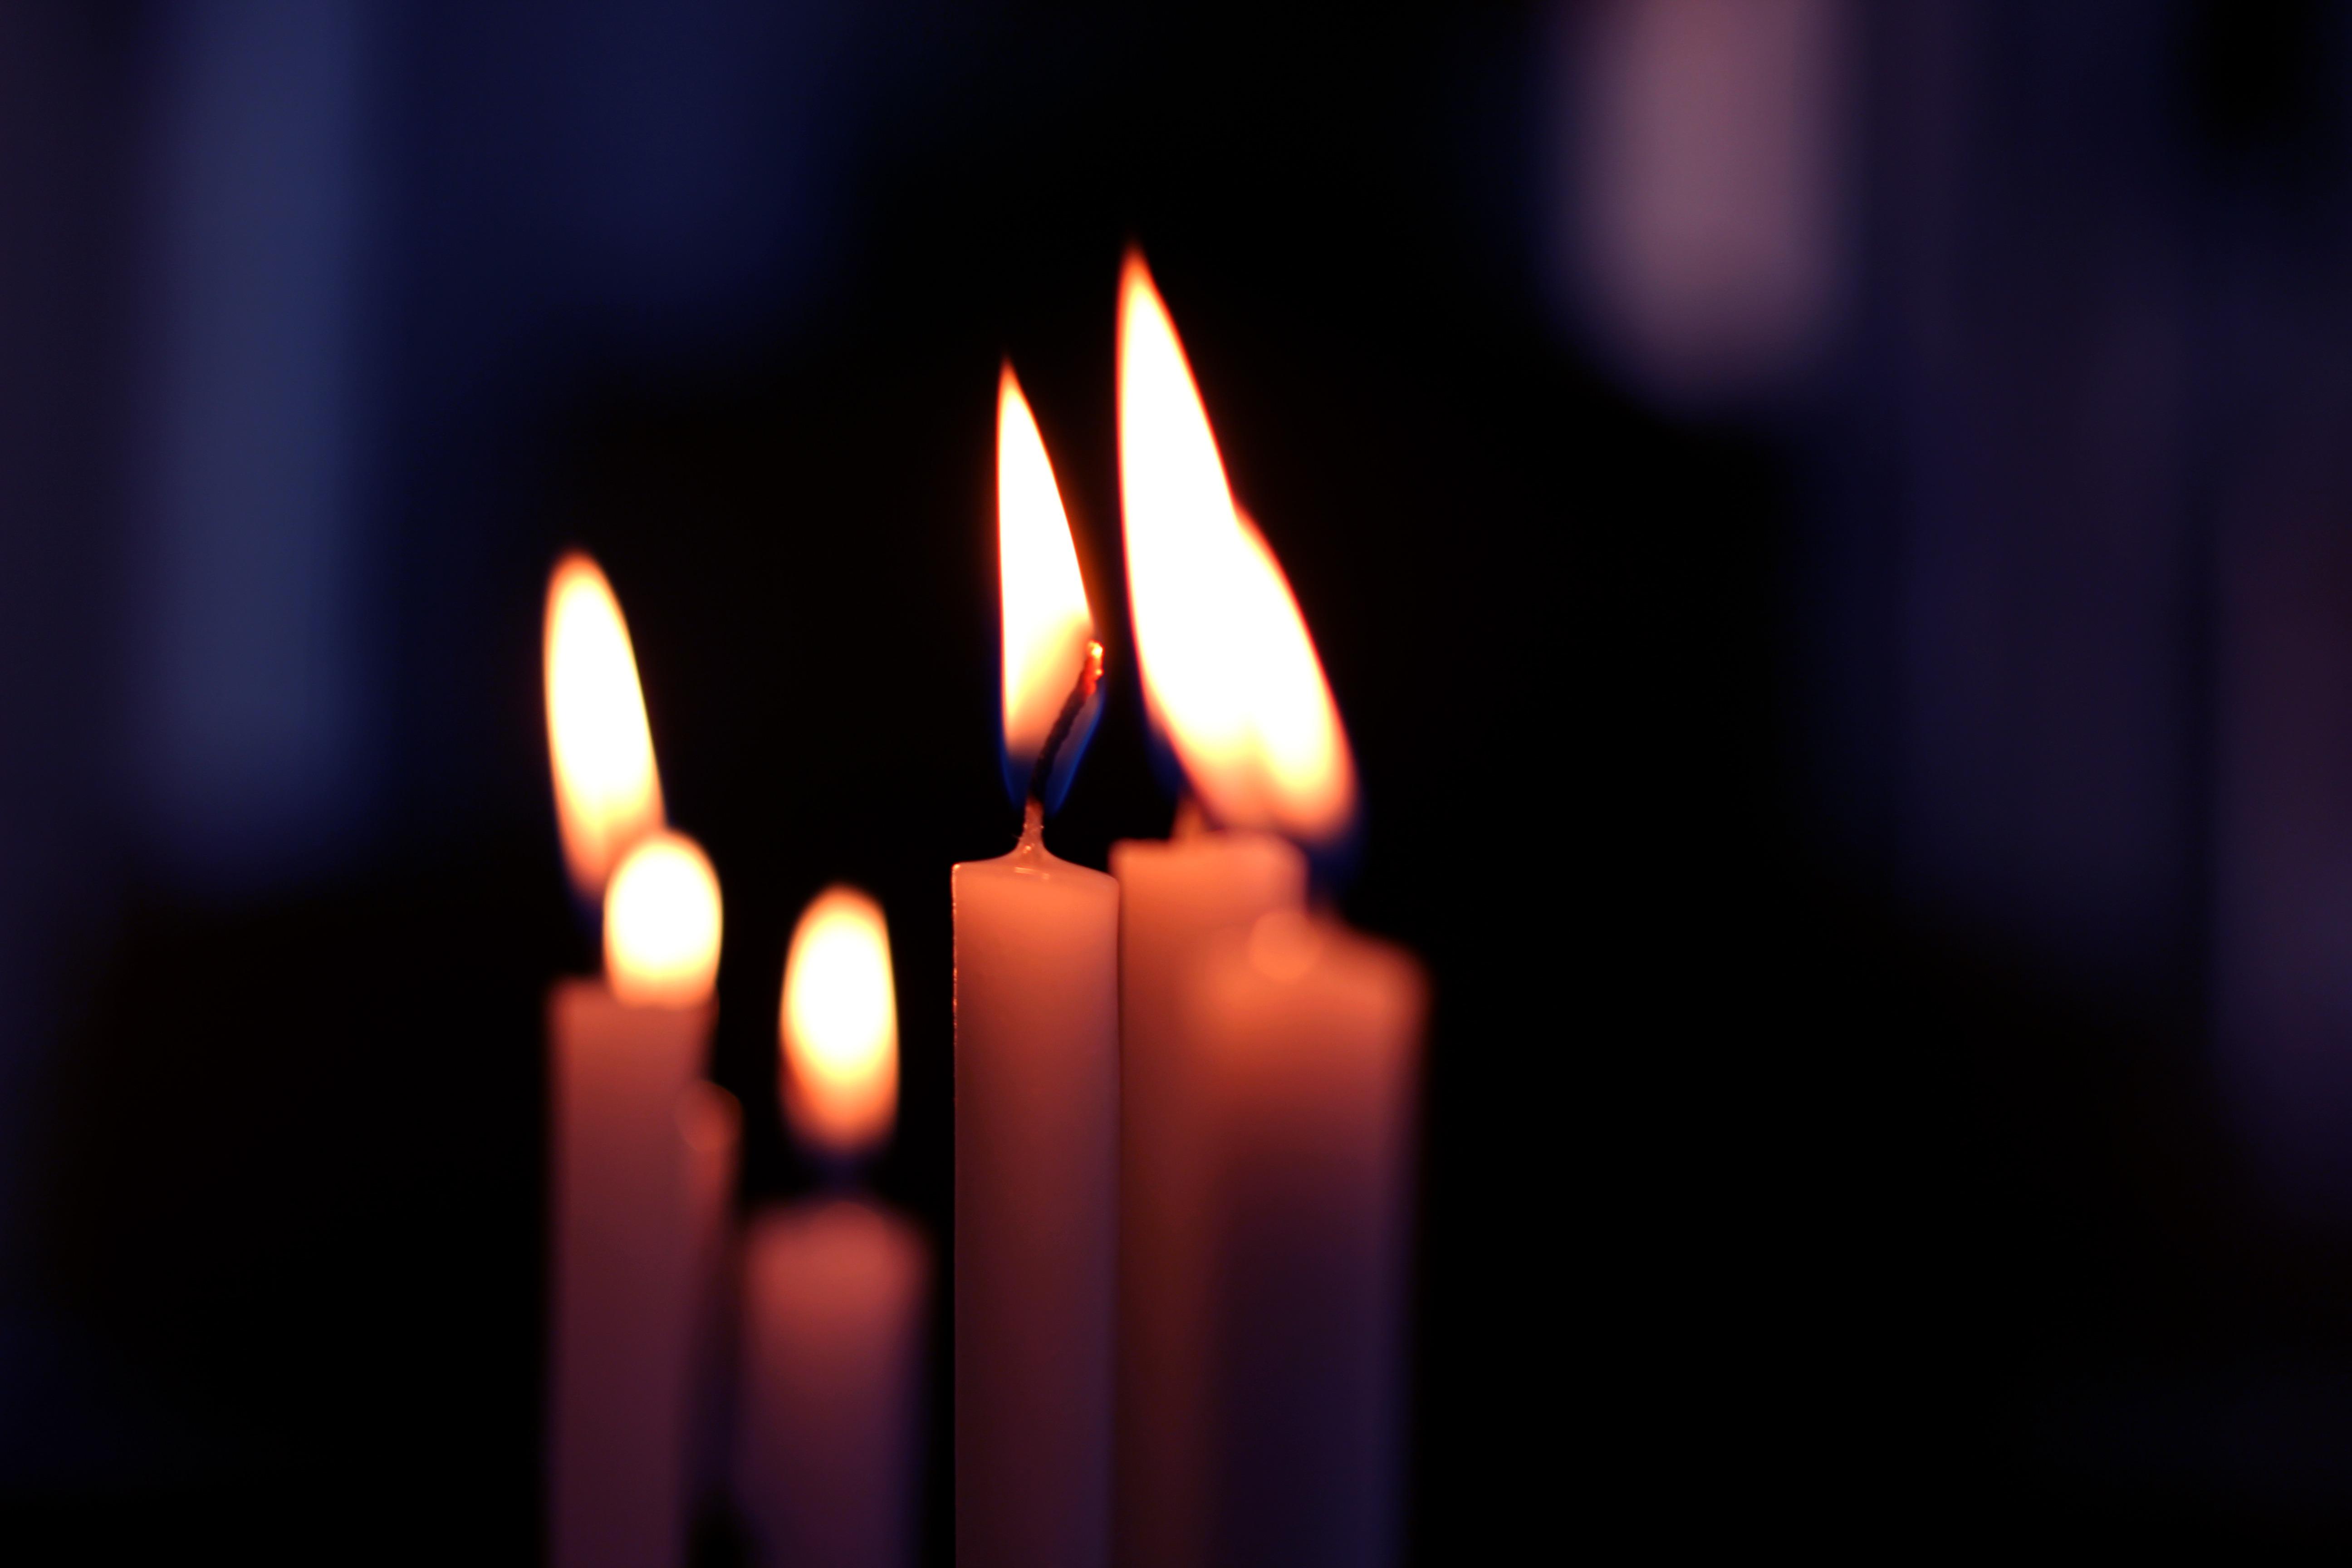 images gratuites lumi re nuit flamme feu obscurit bougie clairage bougies flammes. Black Bedroom Furniture Sets. Home Design Ideas